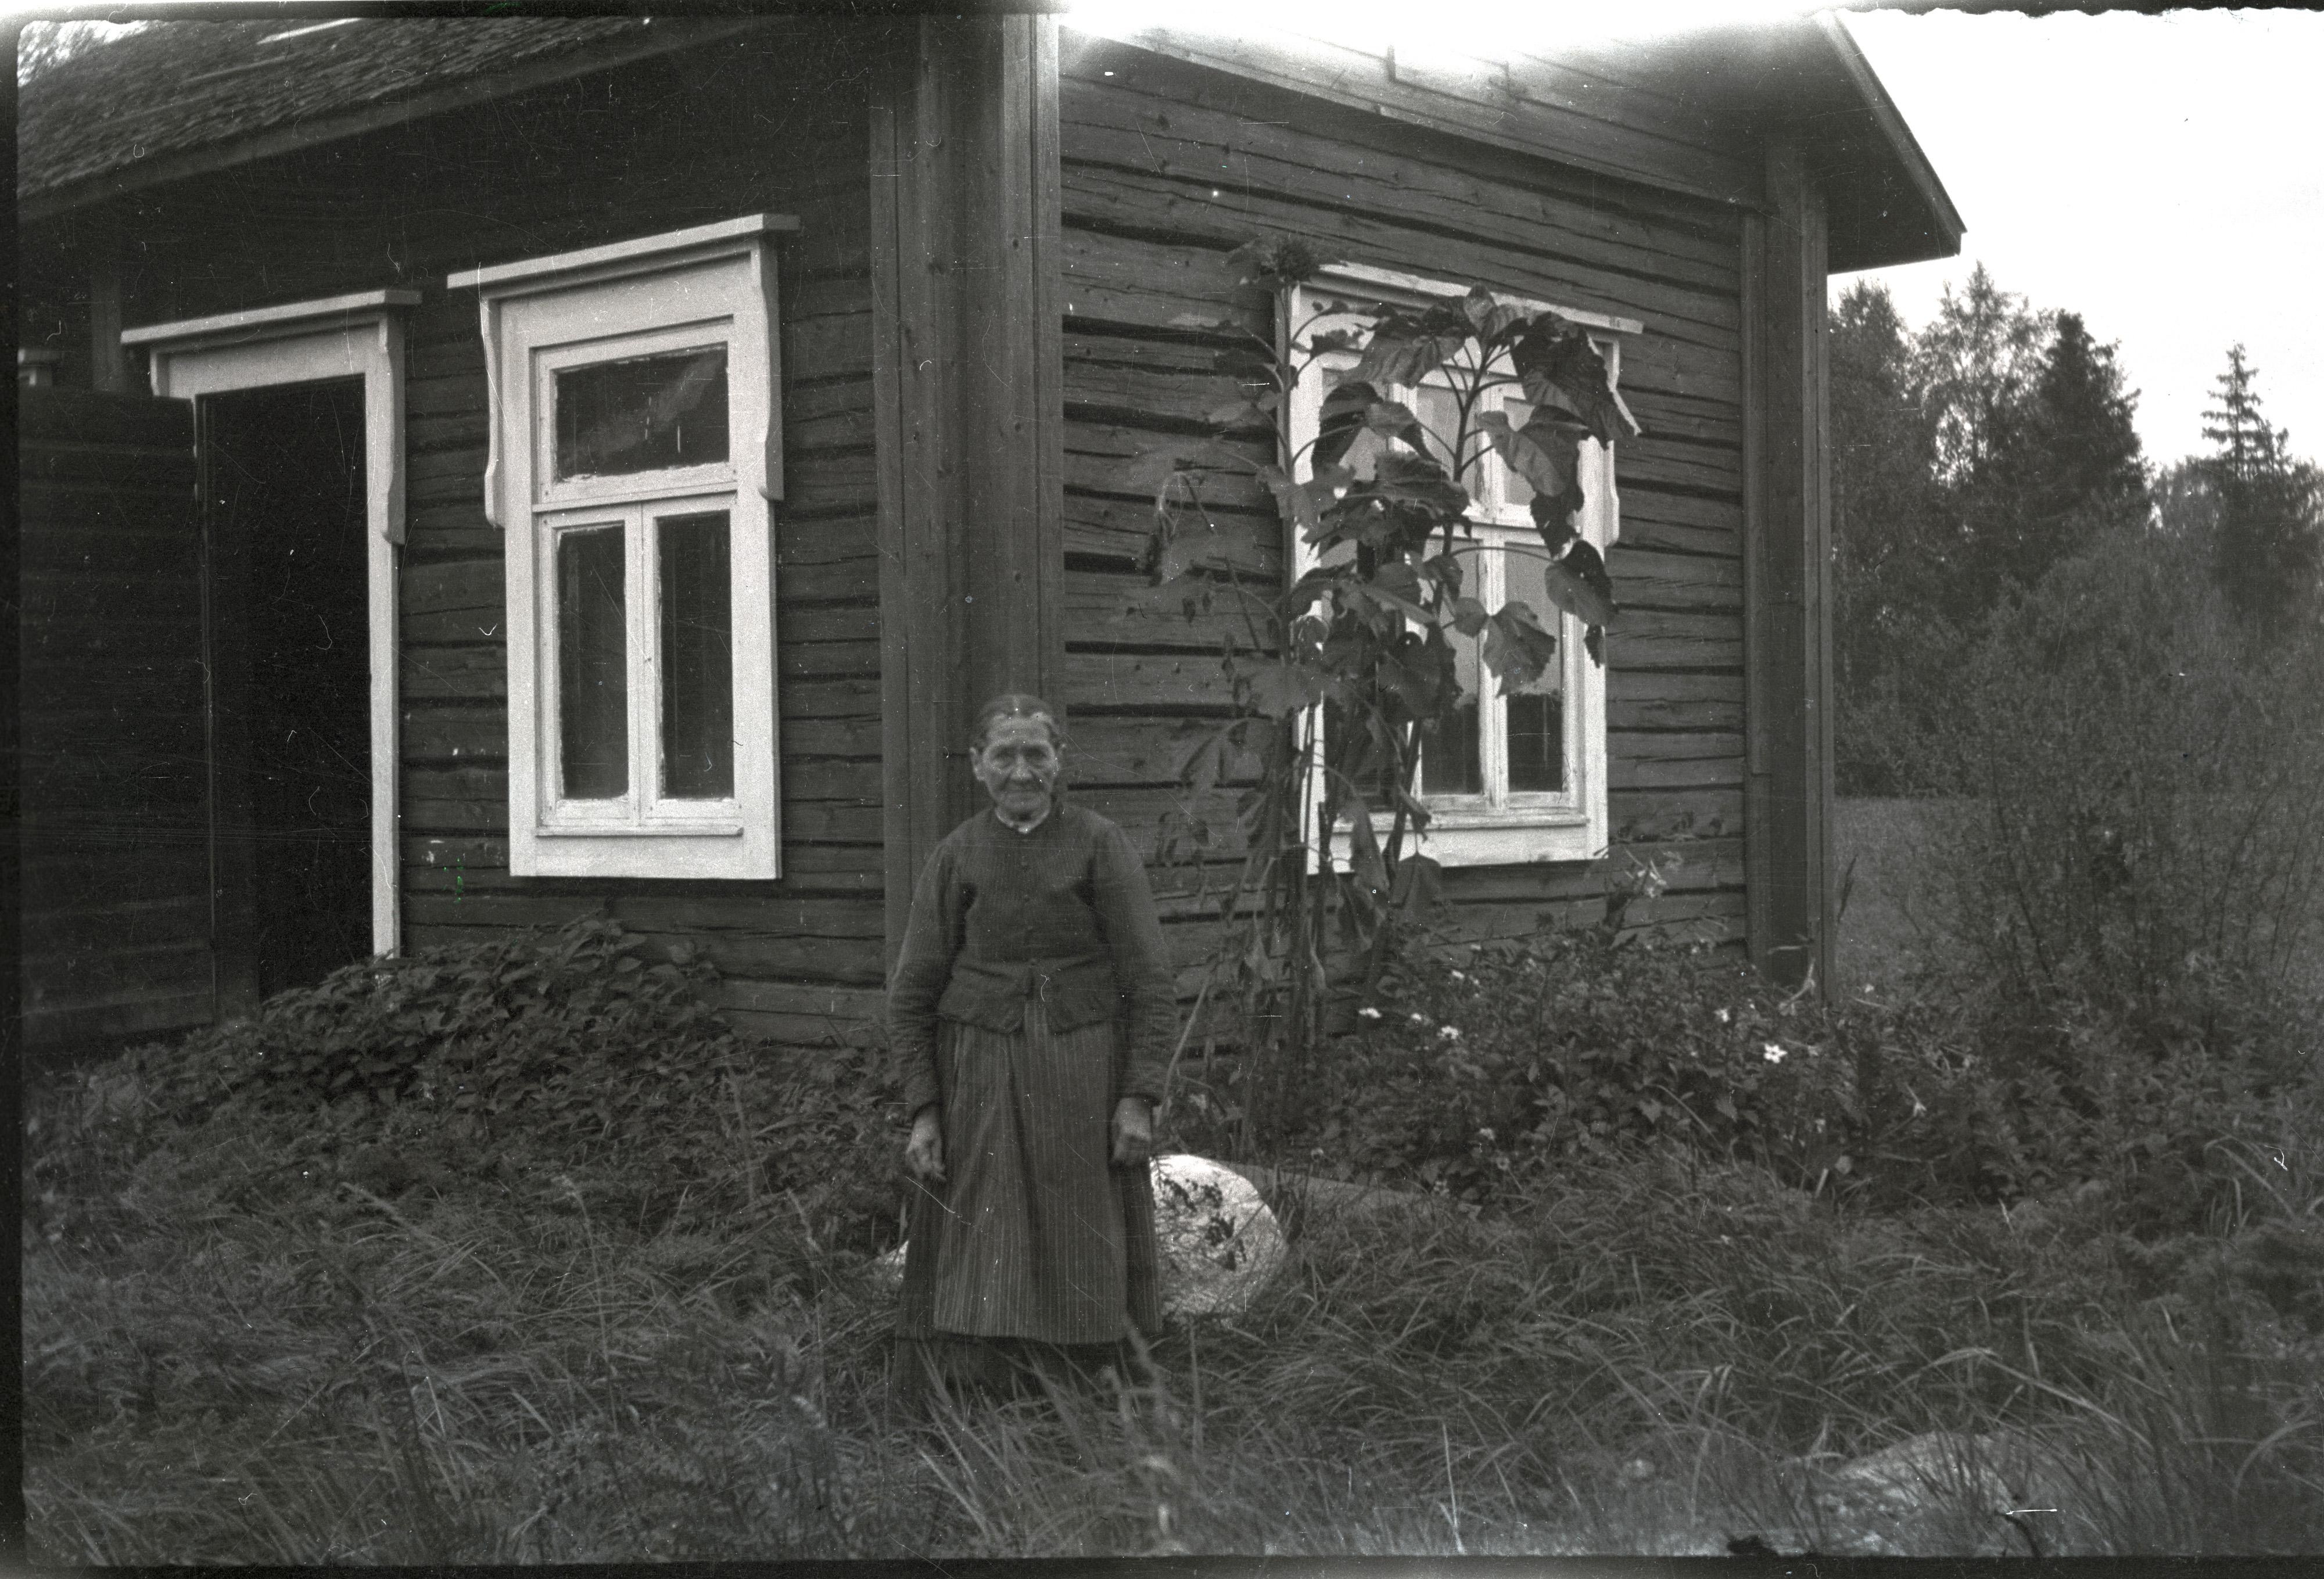 """""""Skol-Gret"""" var lärarinna Basts trotjänarinna som tvättade, städade, kokade, sprang ärenden, hämtade mjölk och handlade. En liten späd kvinna med långa armar, här fotograferad utanför skolbastun och tvättstugan. Själv bodde hon 200 meter söderut från skolan i en stuga som sedan Sandra Granqvist övertog och efter henne Eva, Elsa och Anni Vesterlund."""